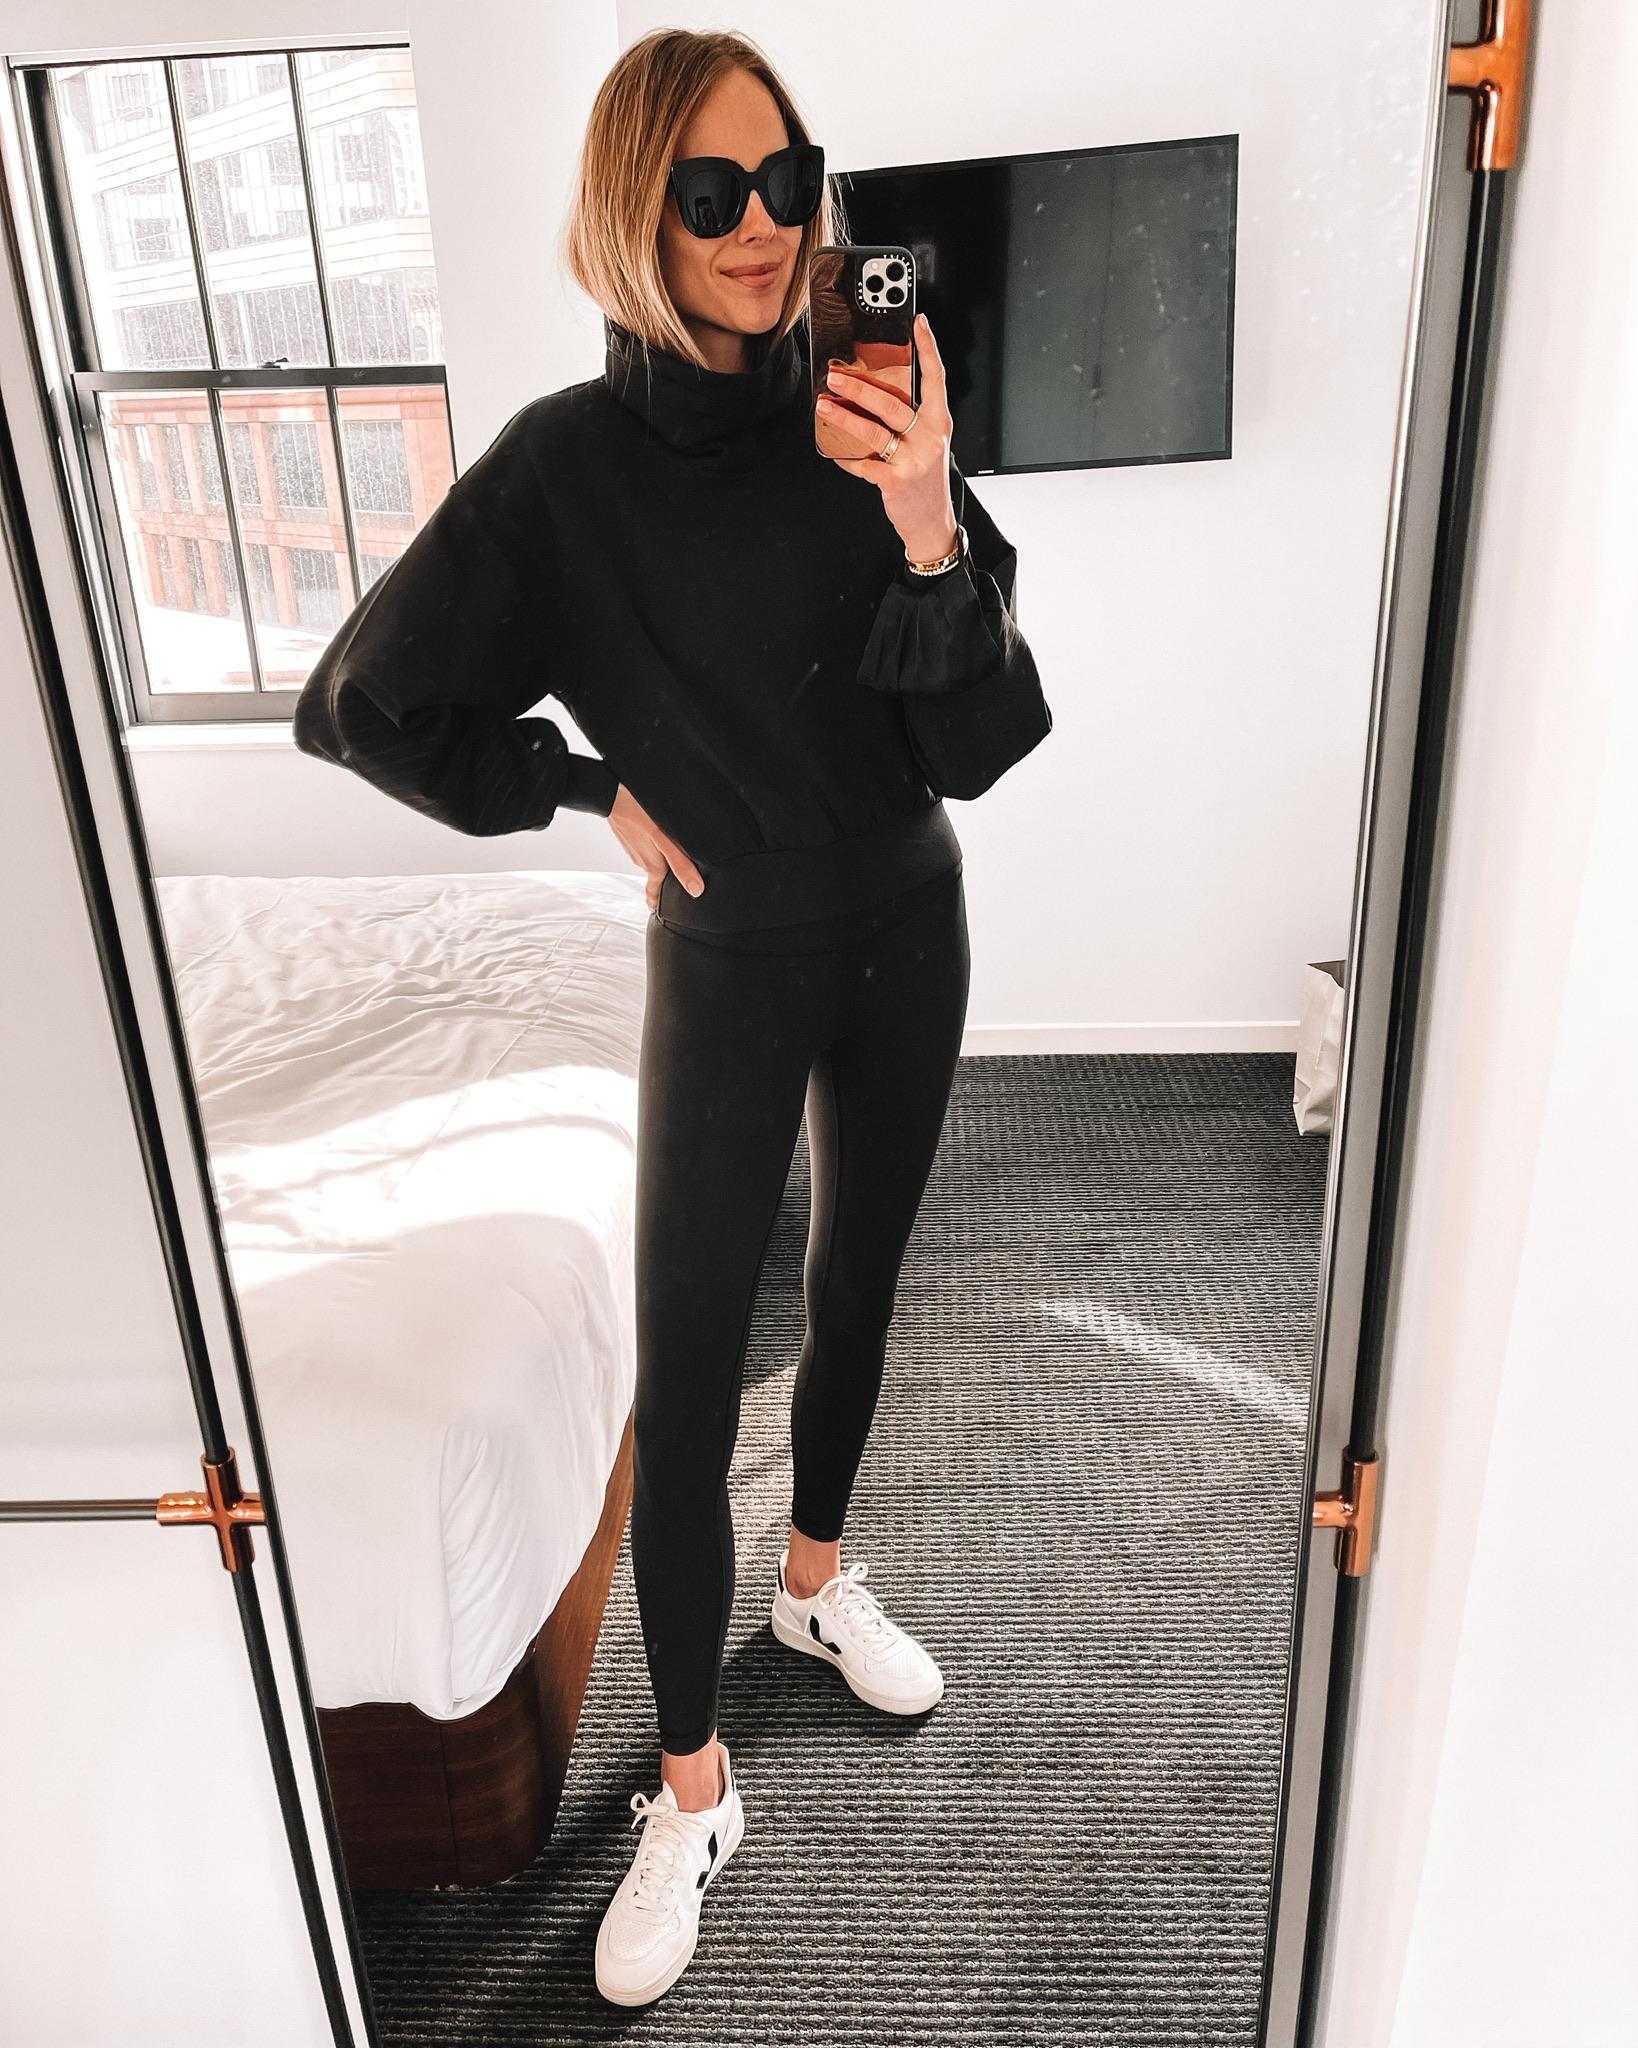 Fashion Jackson Wearing lululemon Black Outfit